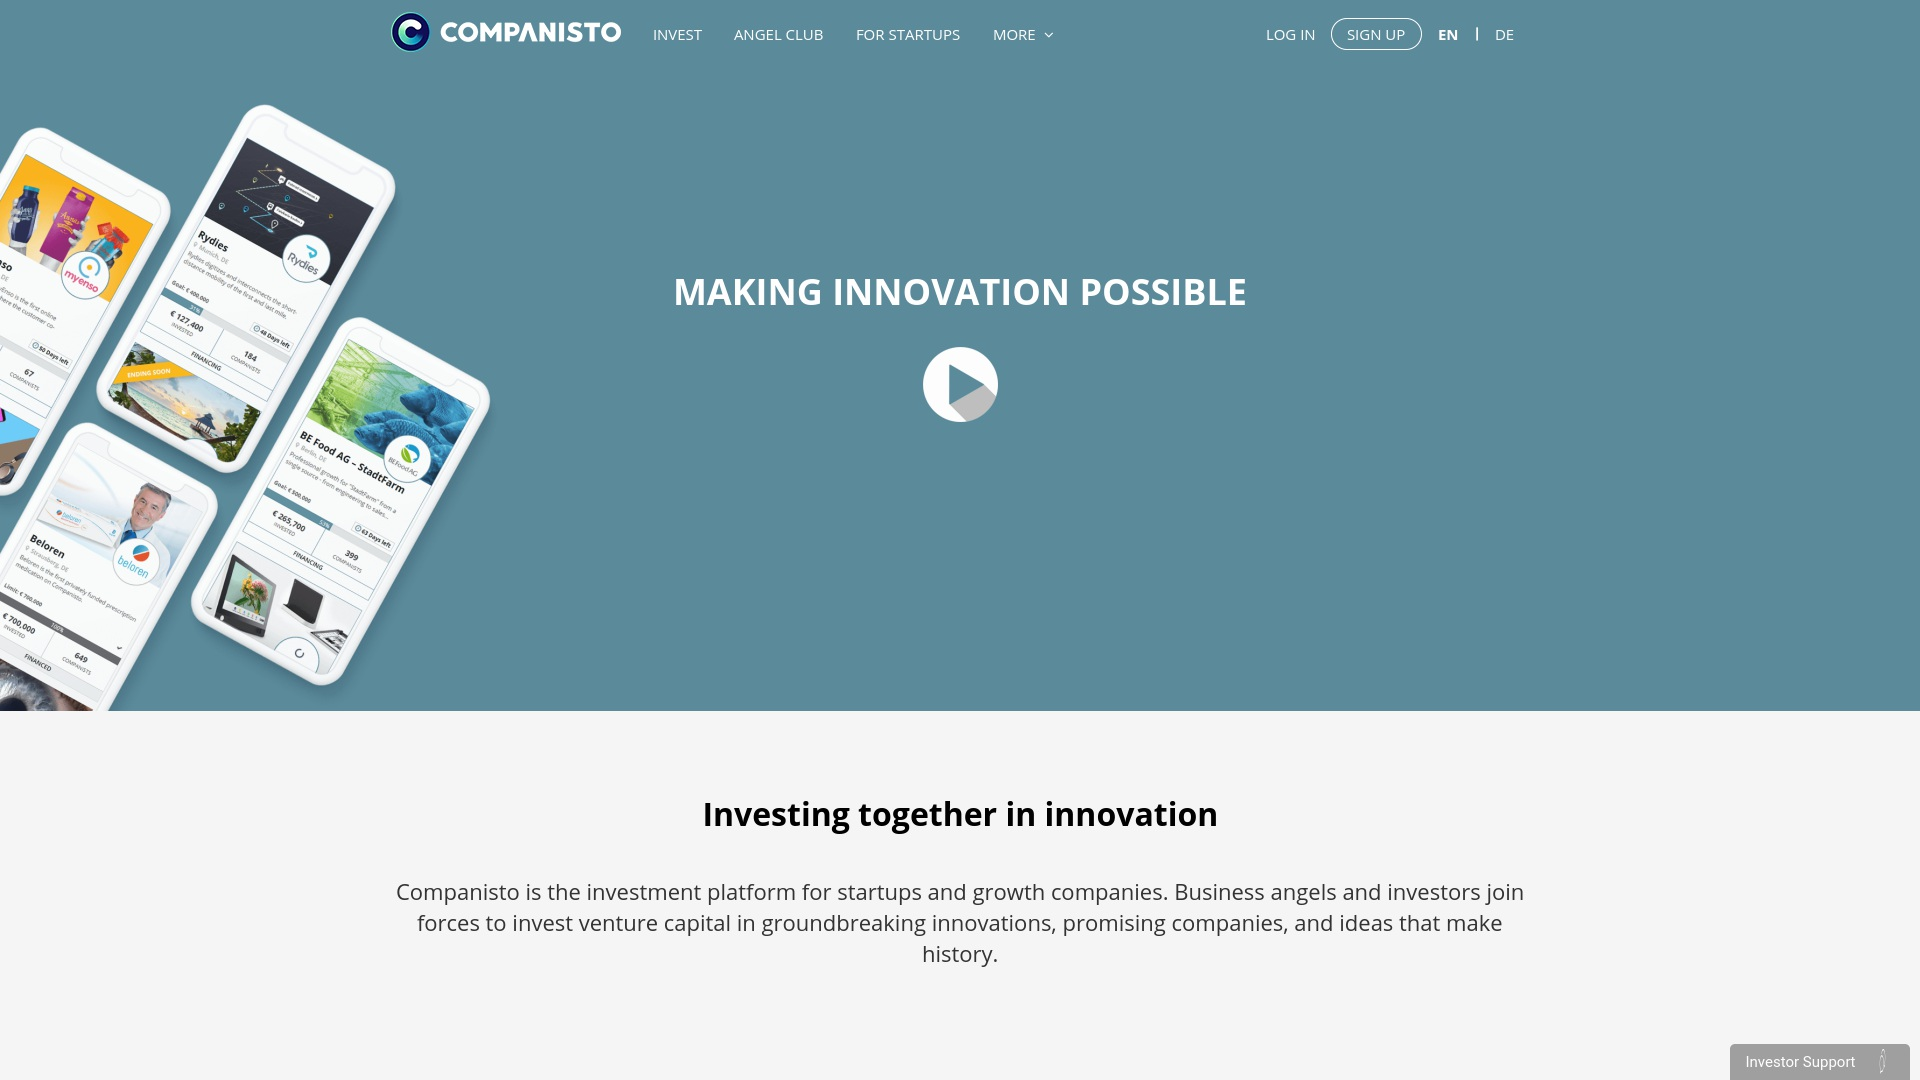 Gutschein für Companisto: Rabatte für  Companisto sichern